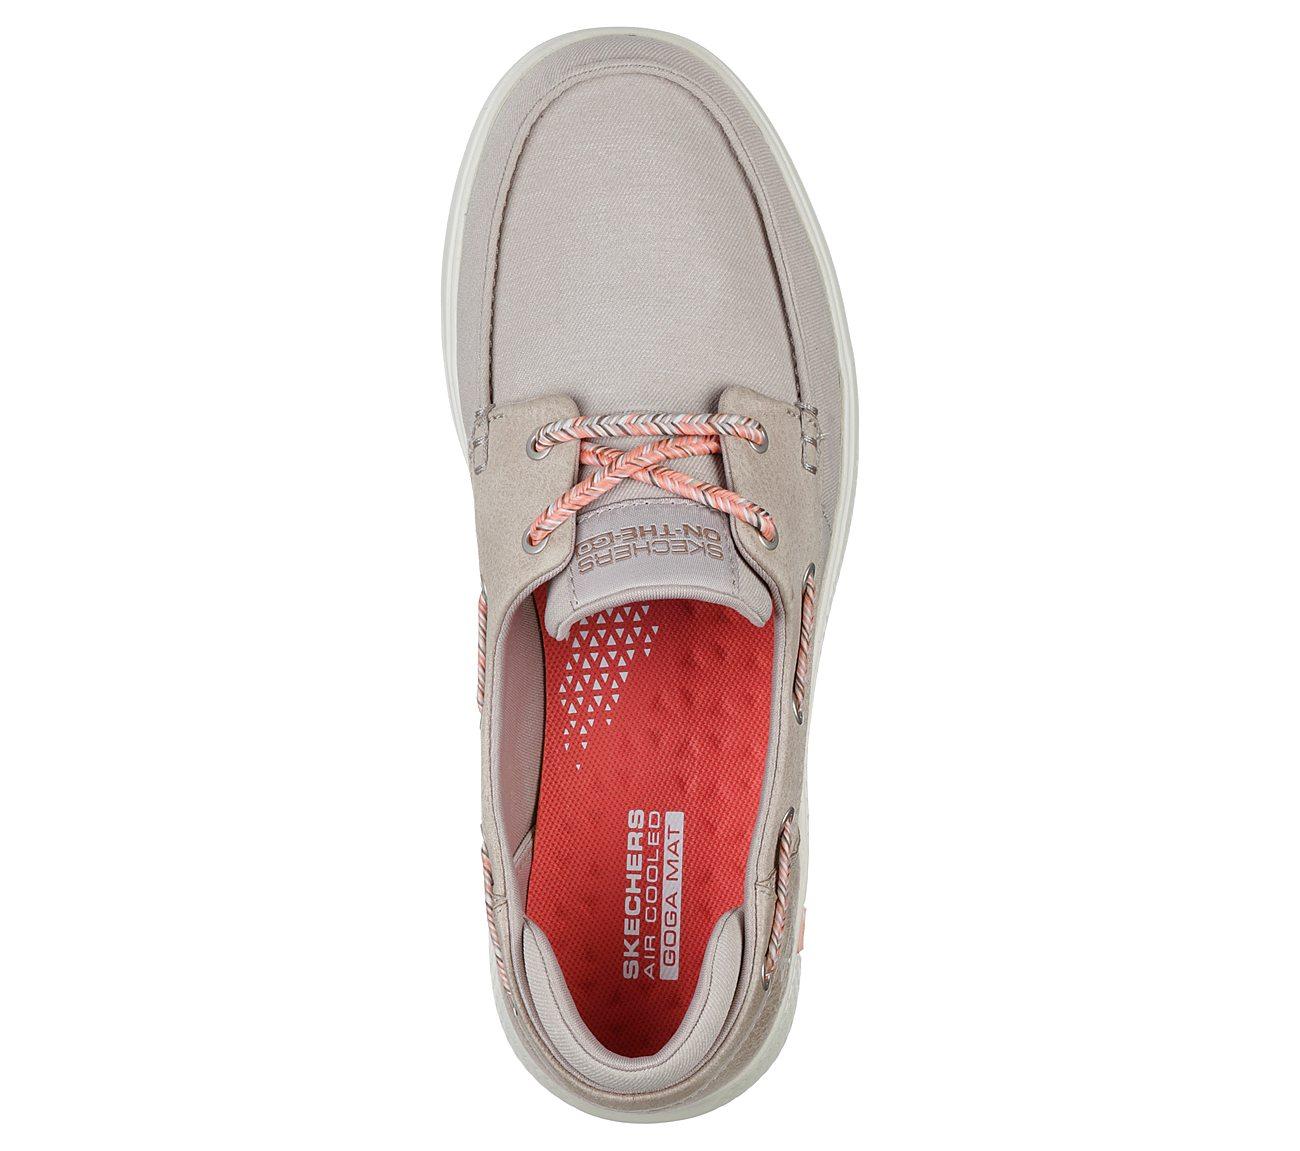 4a868343527 Buy SKECHERS Skechers On the GO Glide Ultra - Playa Skechers ...